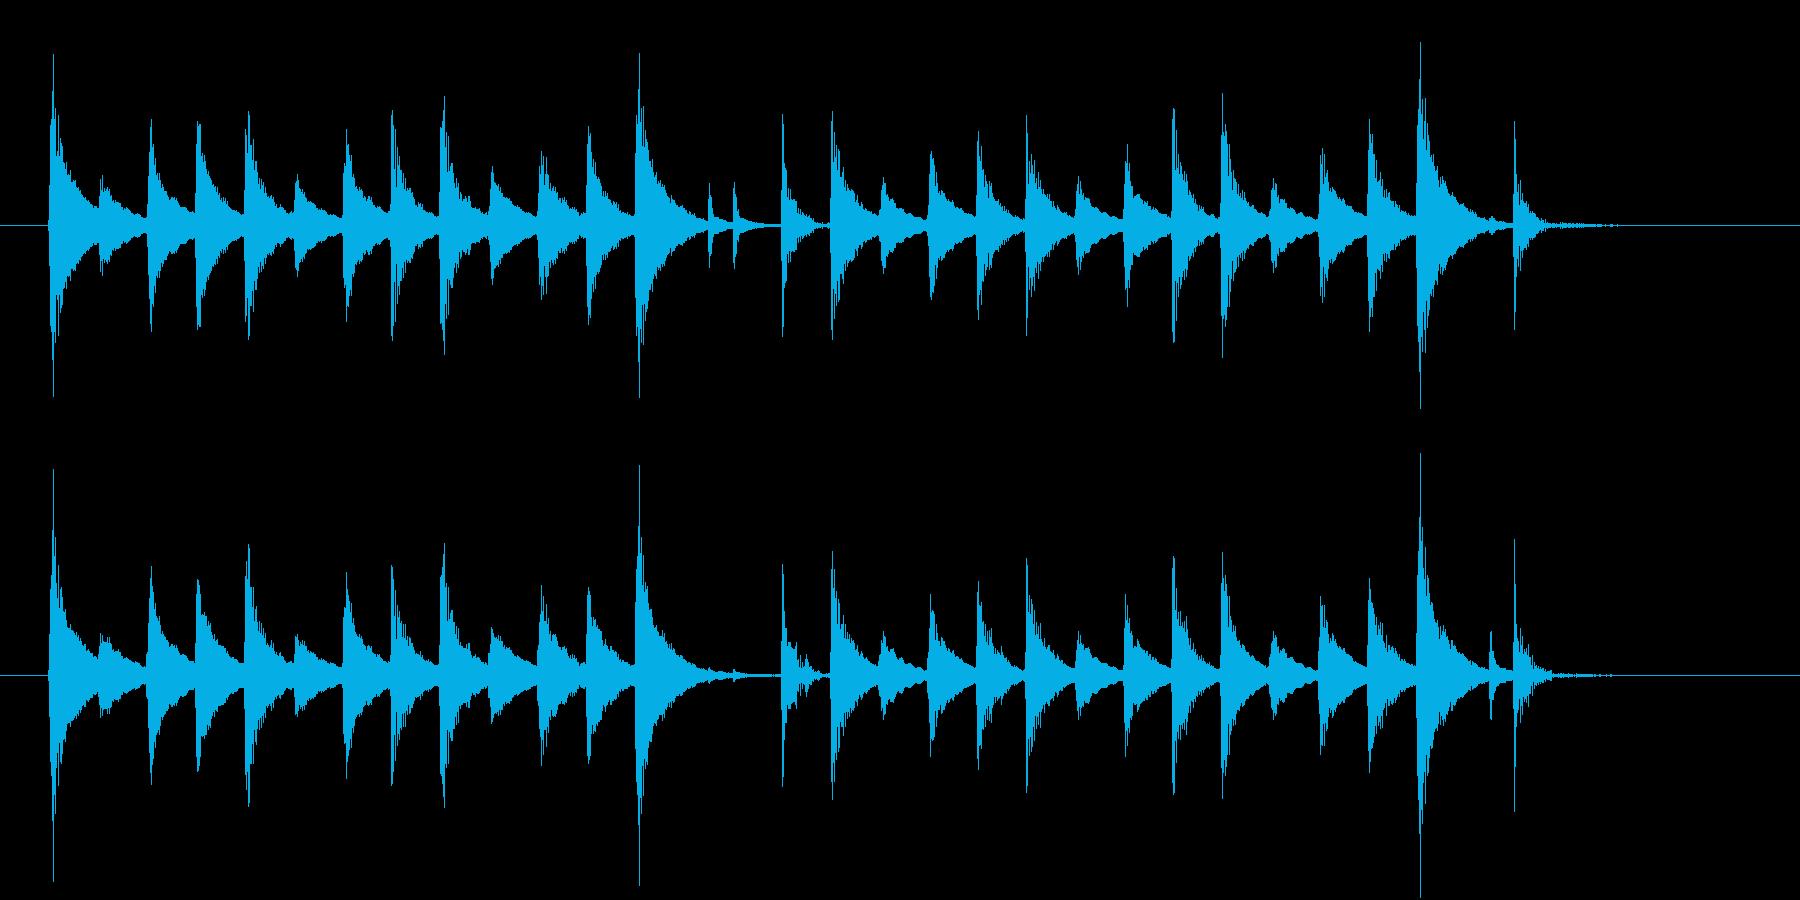 ほのぼの系のシンプルなジングルの再生済みの波形